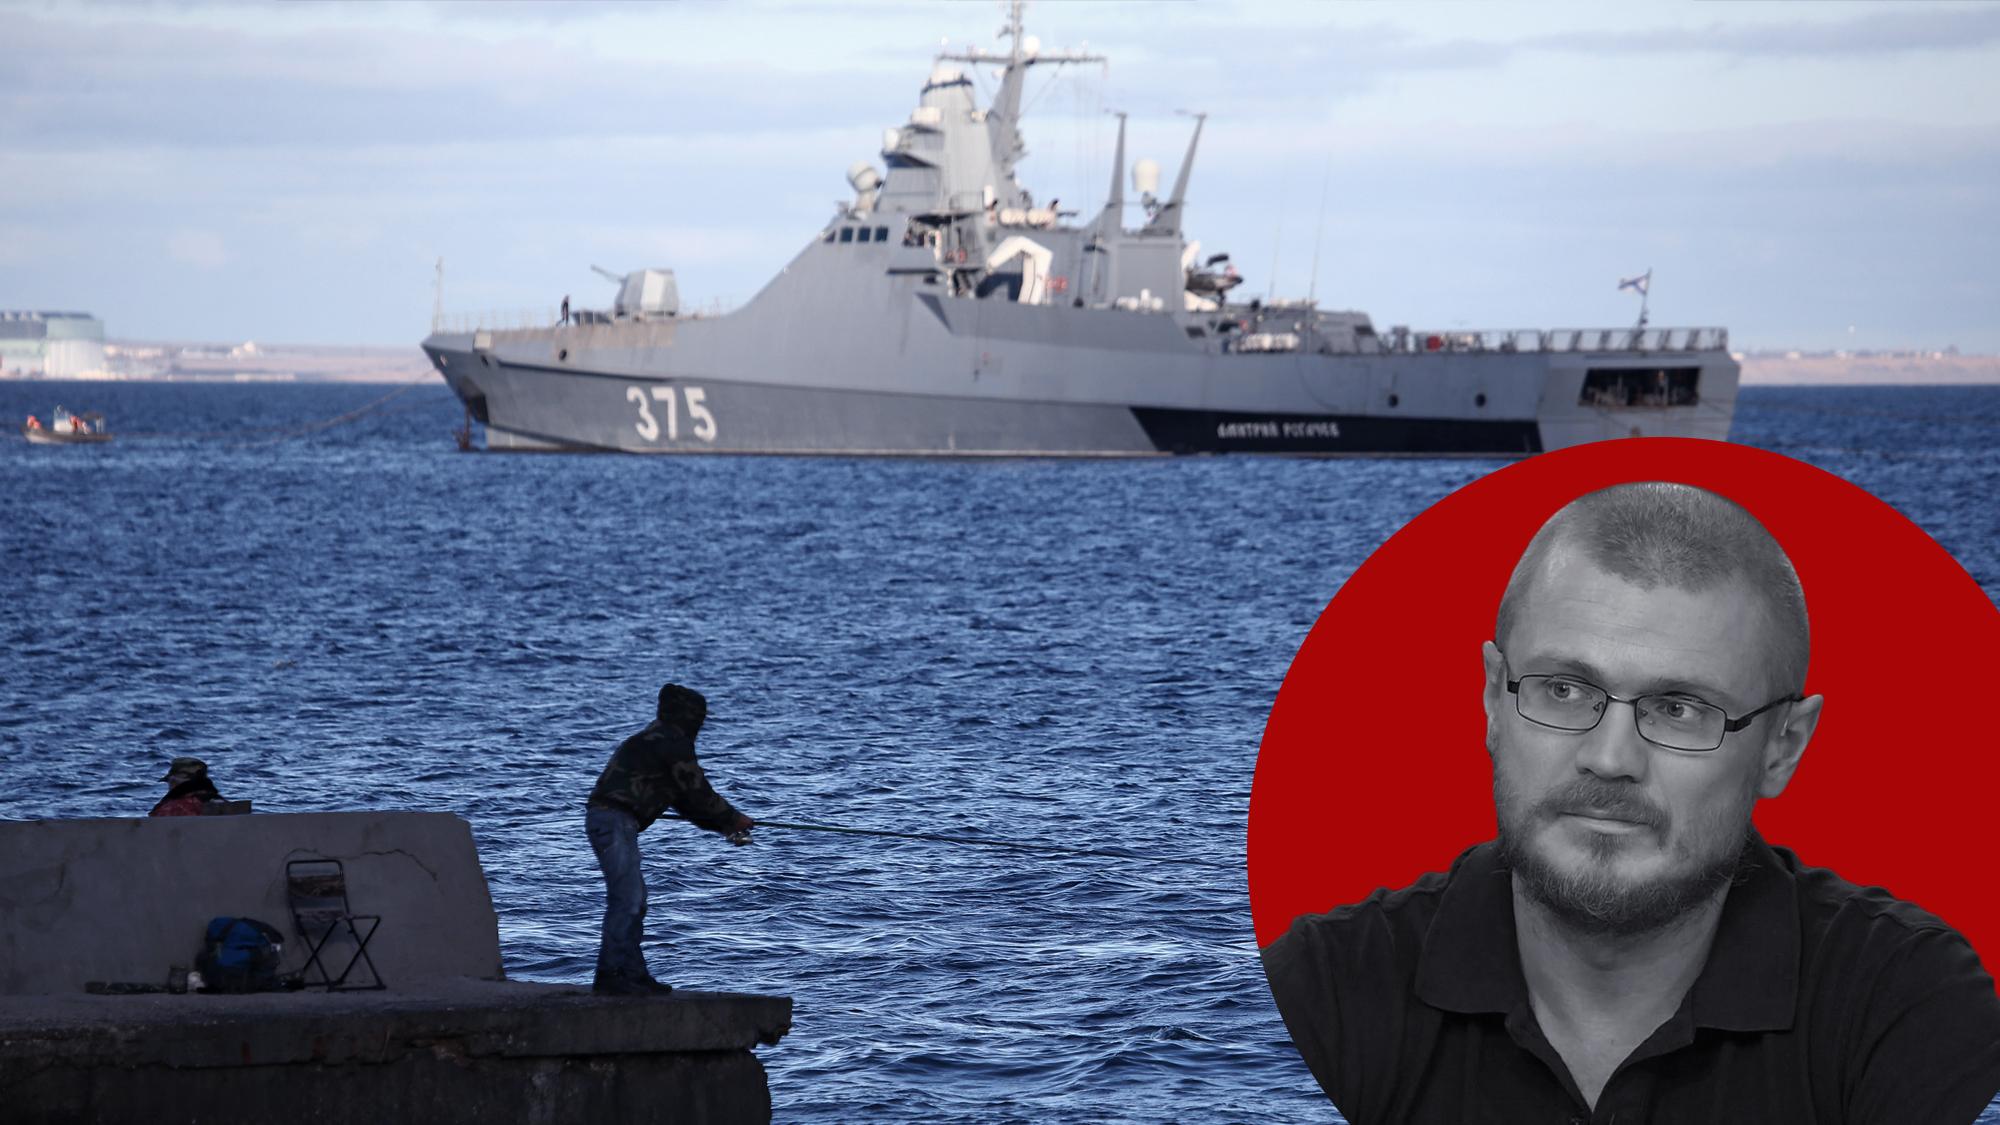 Туран поднимает голову Что пишут СМИ Анкары о Крыме